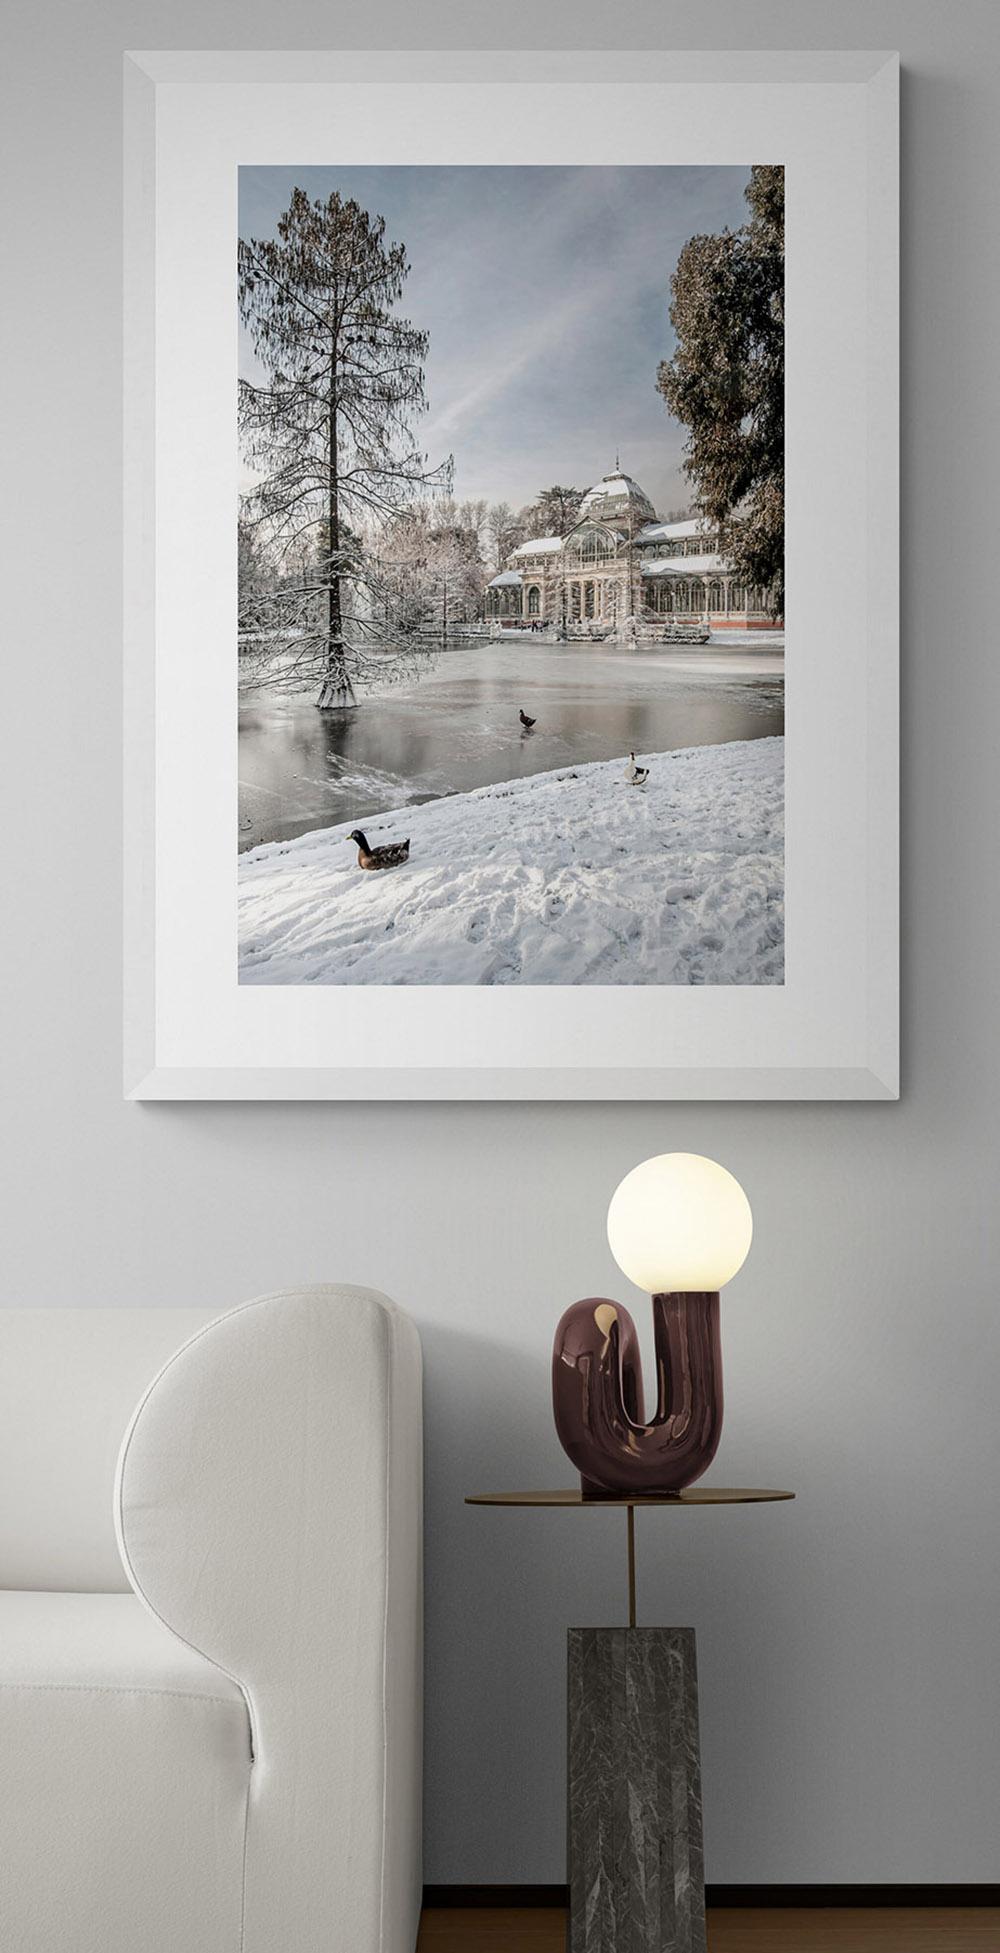 La gran nevada de Madrid, Palacio de Cristal nevado por Adolfo Gosálvez